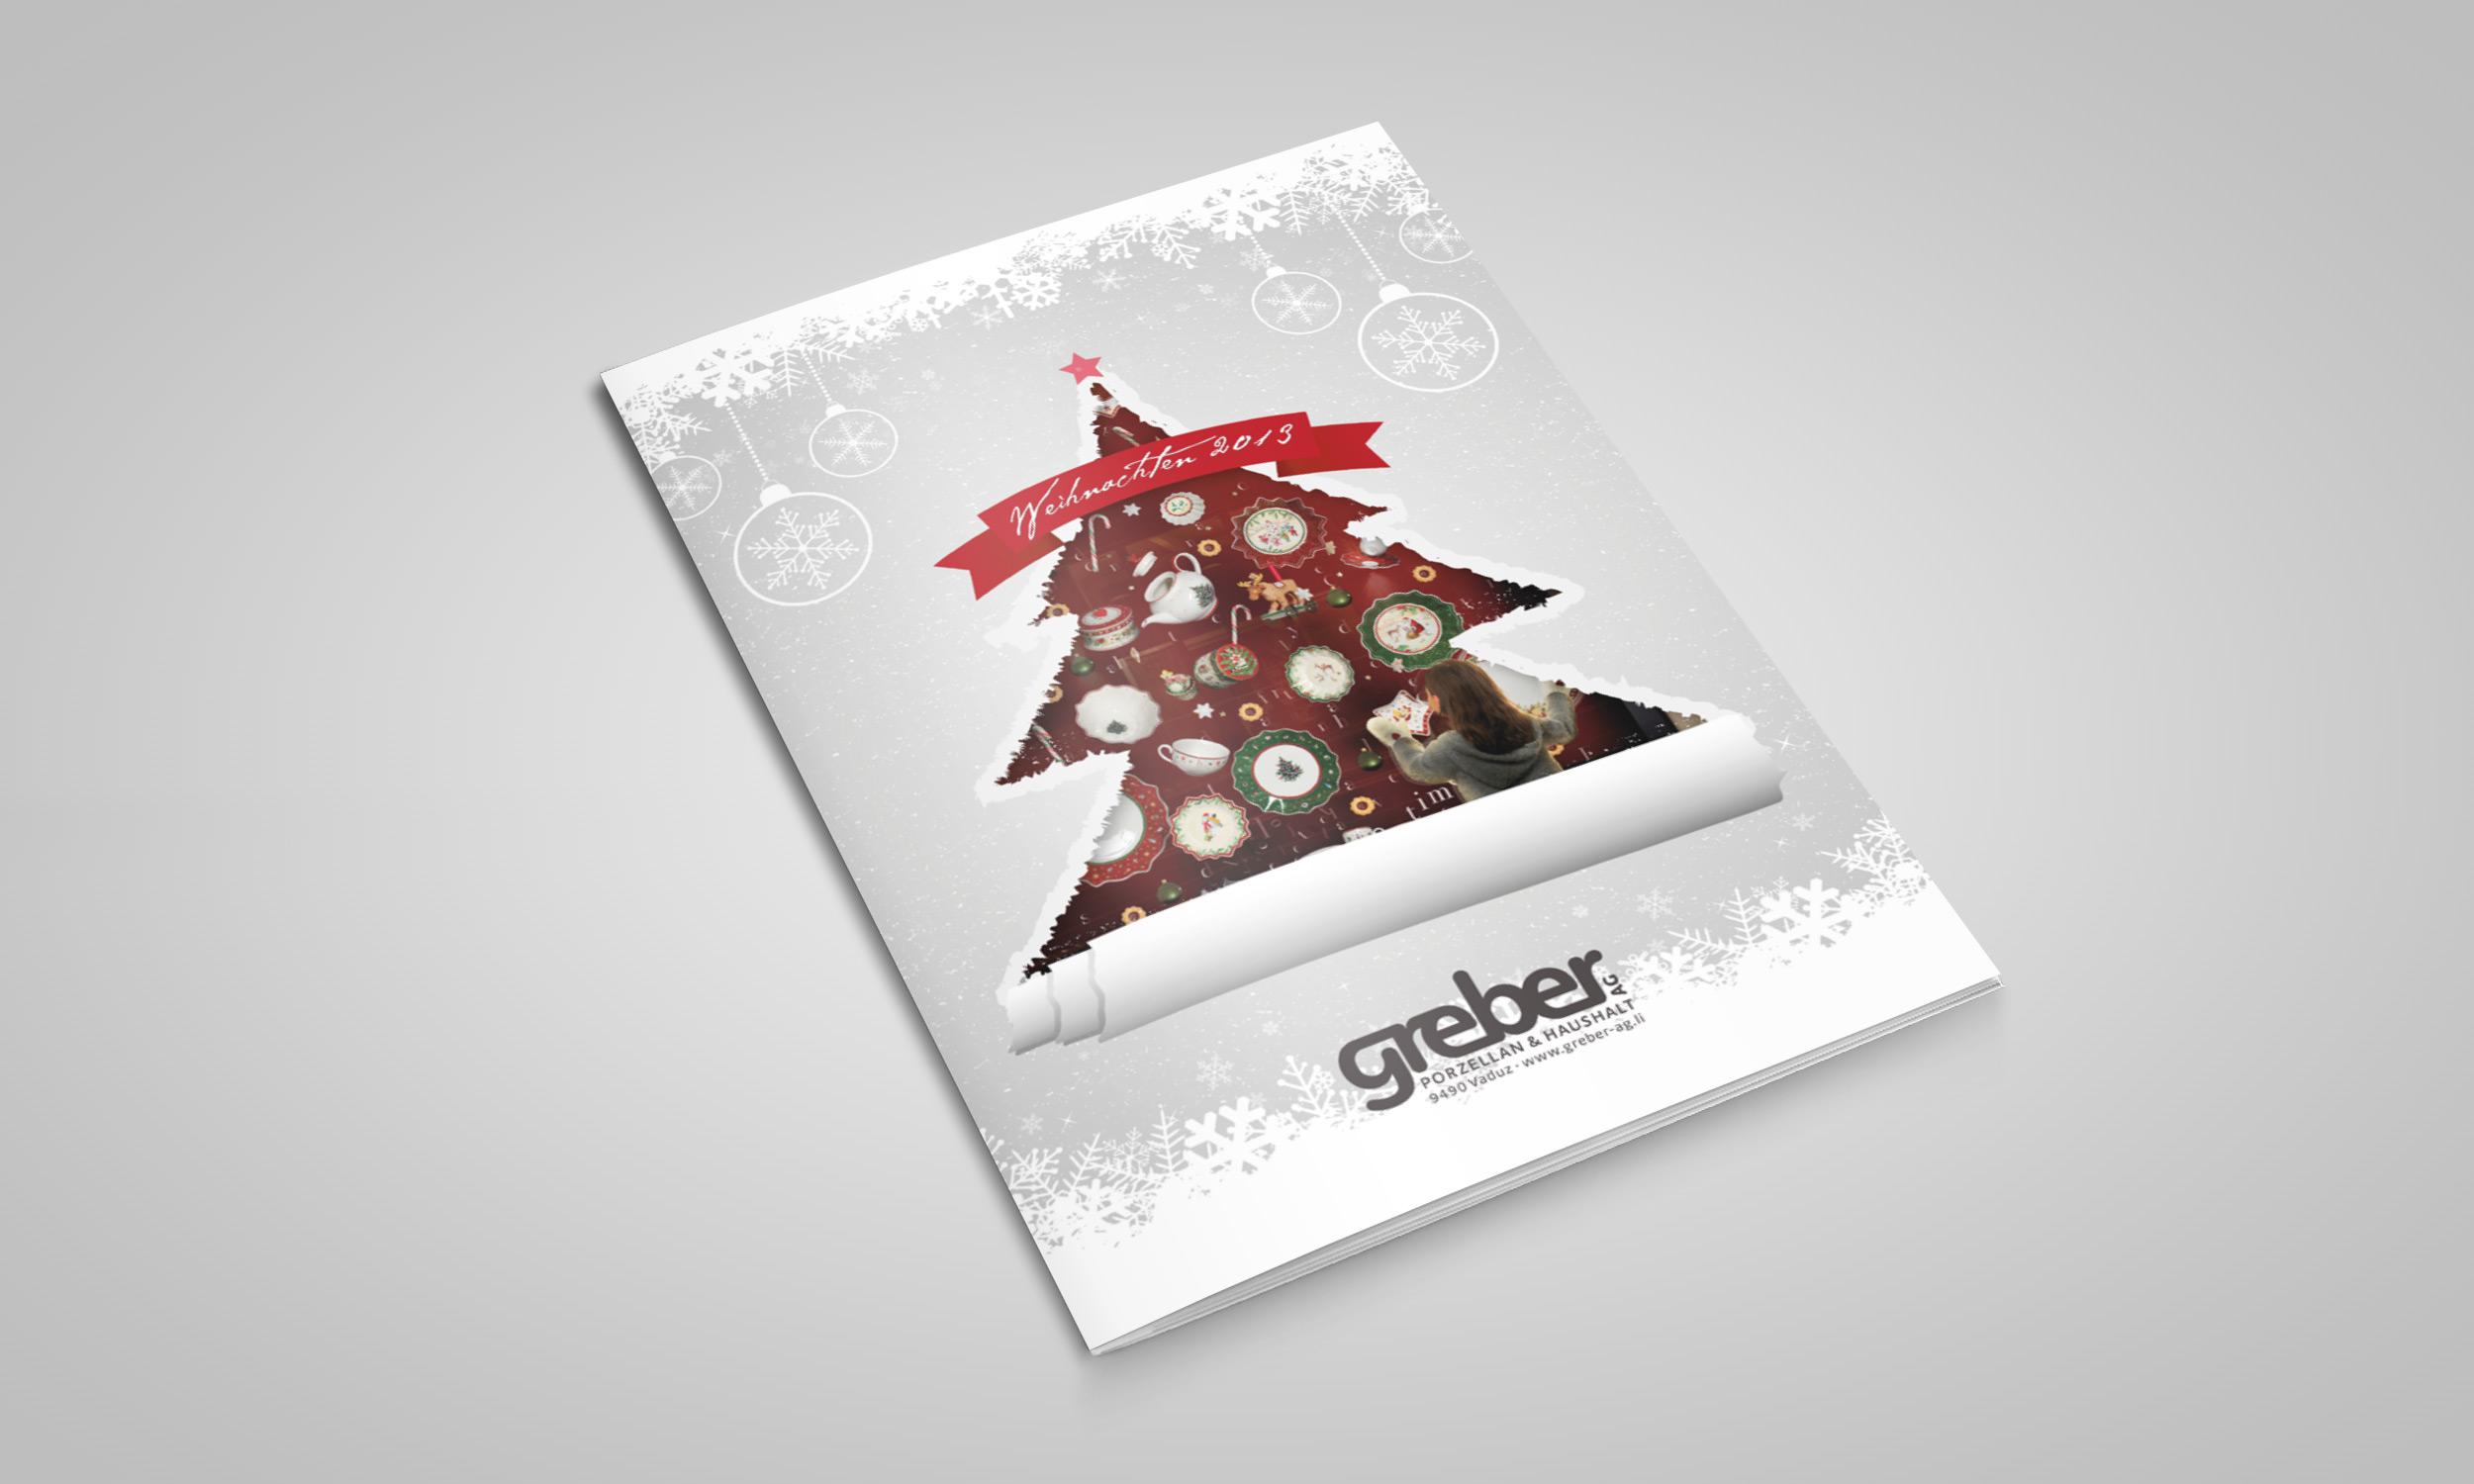 greber-Weihnachtsprospekt-11.jpg